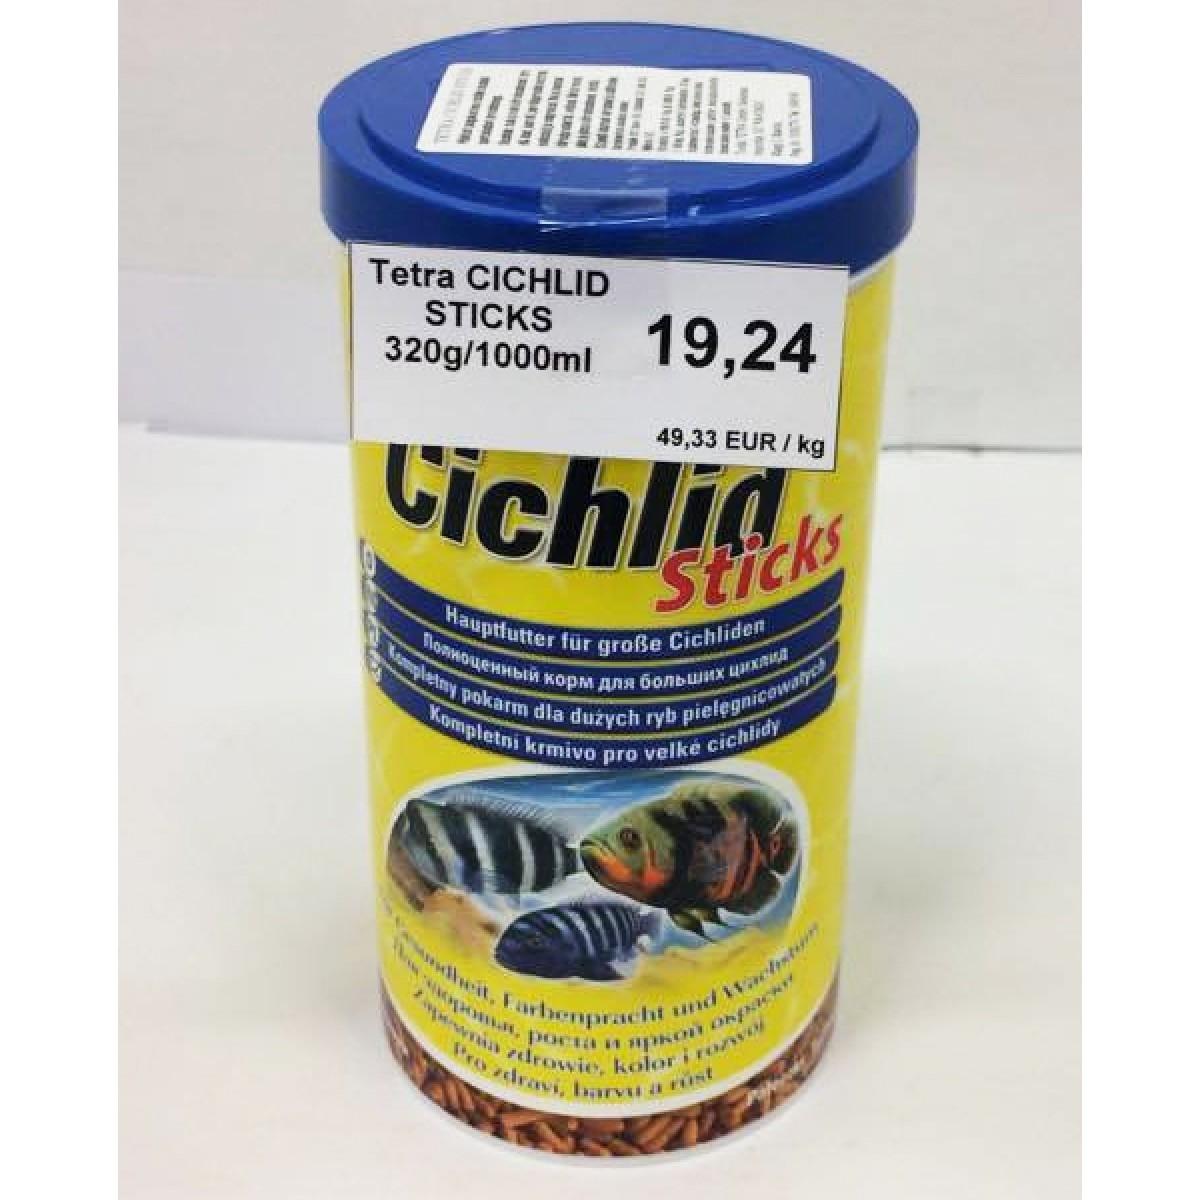 Tetra cichlid sticks 320g 1000ml for Tetra cichlid sticks